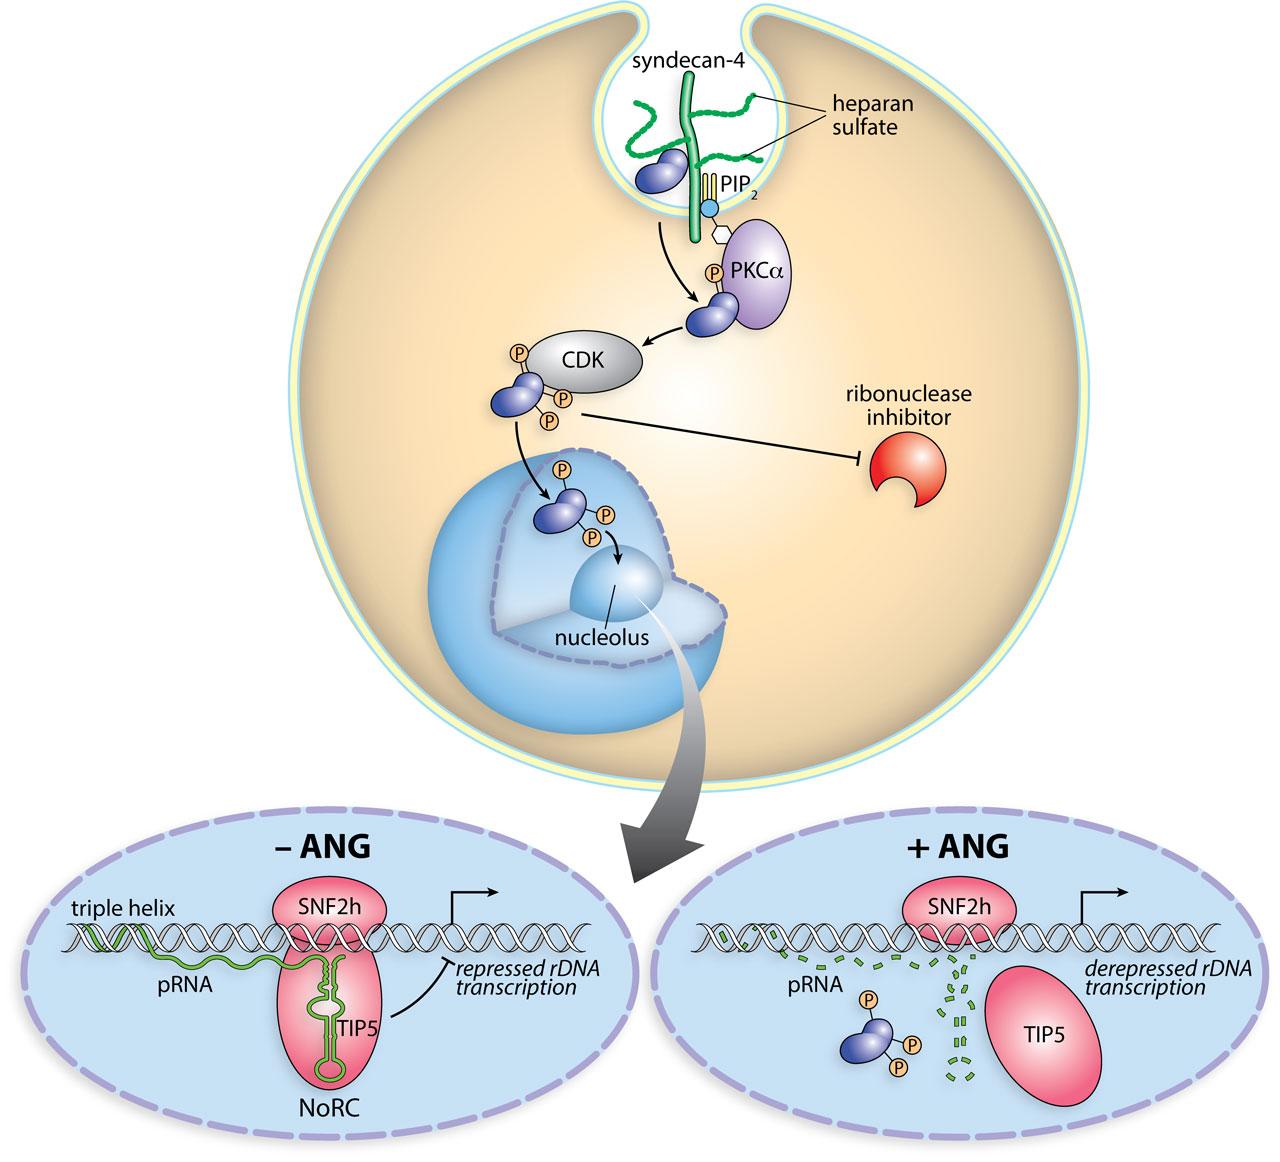 biology_image_2